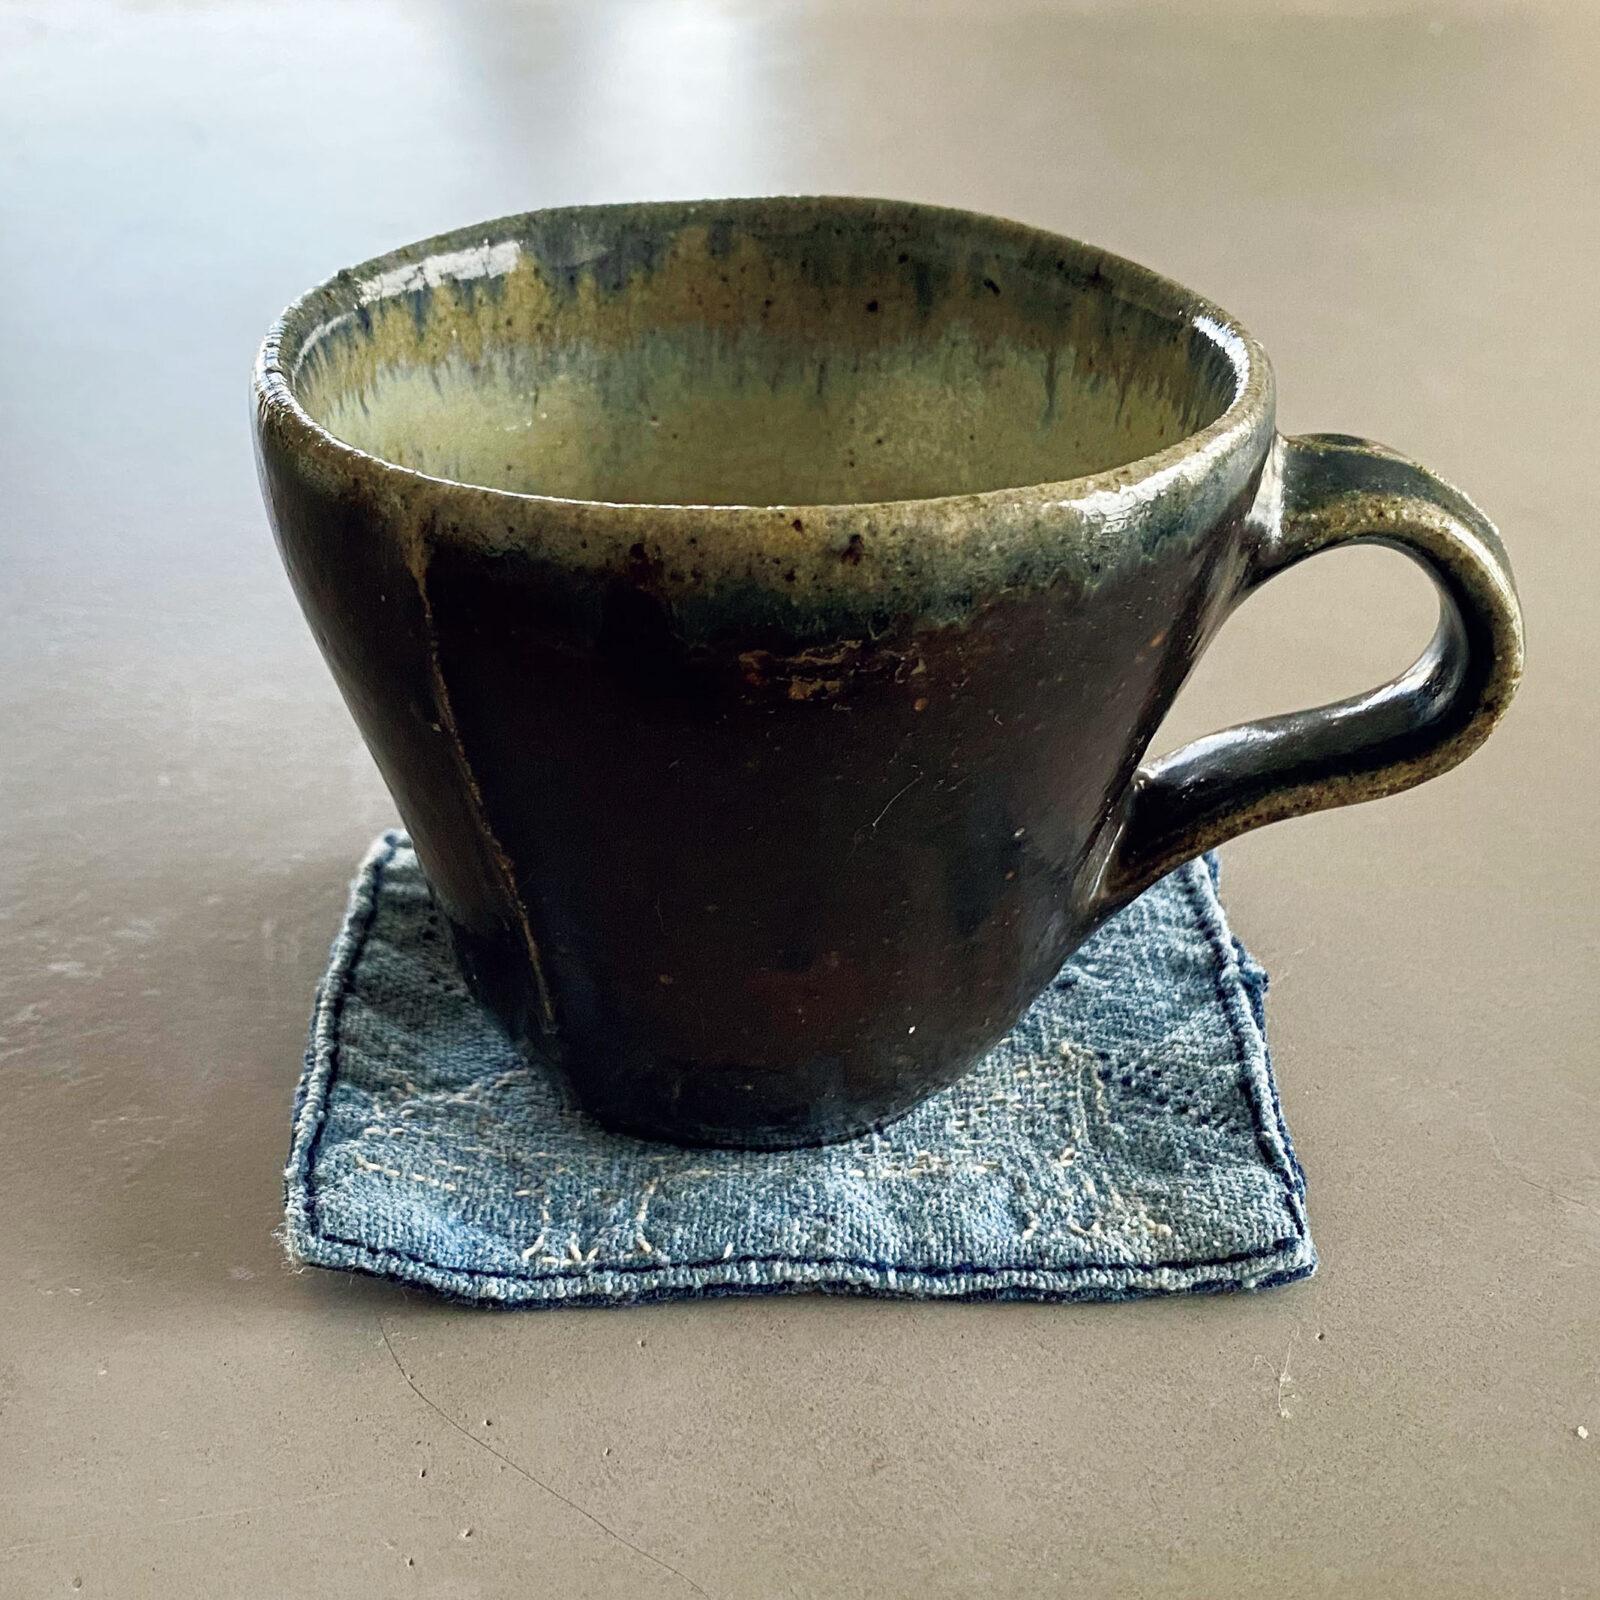 相馬夕輝(〈D&DEPARTMENT〉ディレクター)栃木県益子、鈴木稔さんのぽってりとした、丸いカップです。コーヒーやチャイなど、なんでもこのカップで飲む毎日。来年は『土祭』もある益子町、ぜひ通いたい。